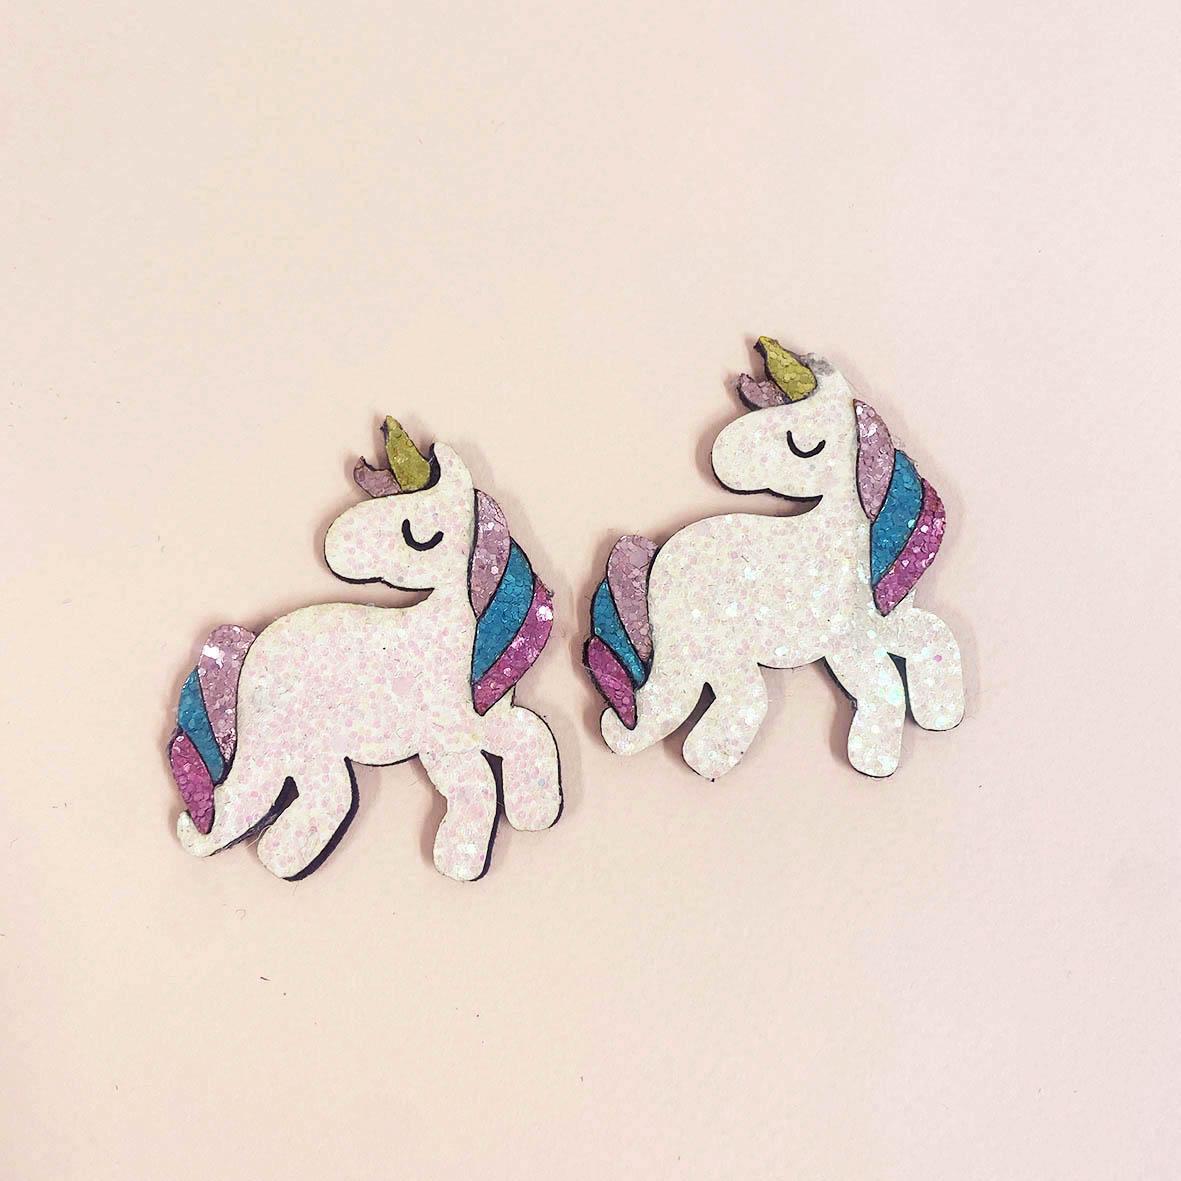 Unicorn glitter kangasmerkit voi liimata takkiin.